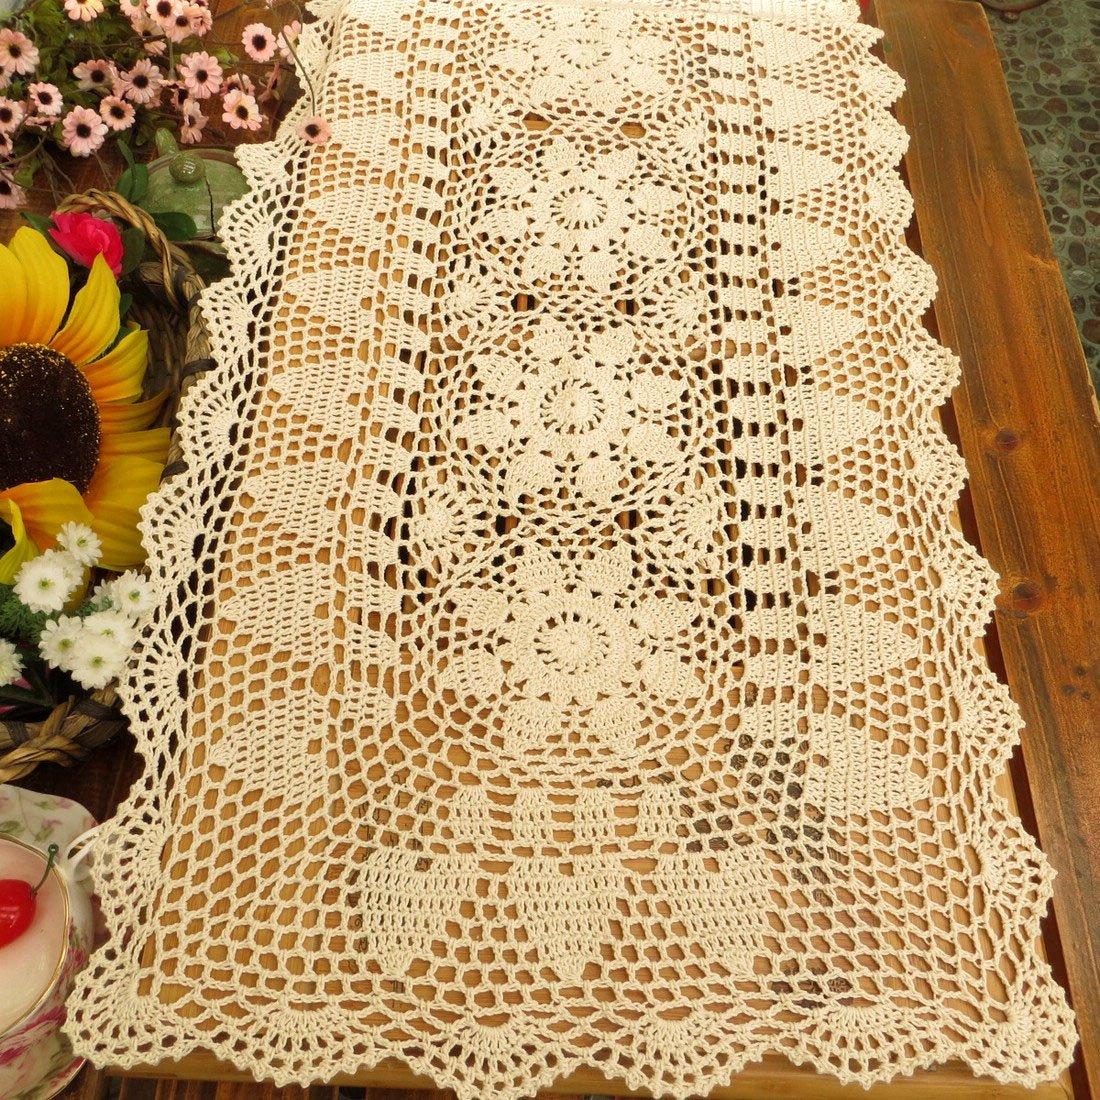 kilofly Handmade Crochet Lace Rectangular Table Runner 15 x 71 Inch, Beige